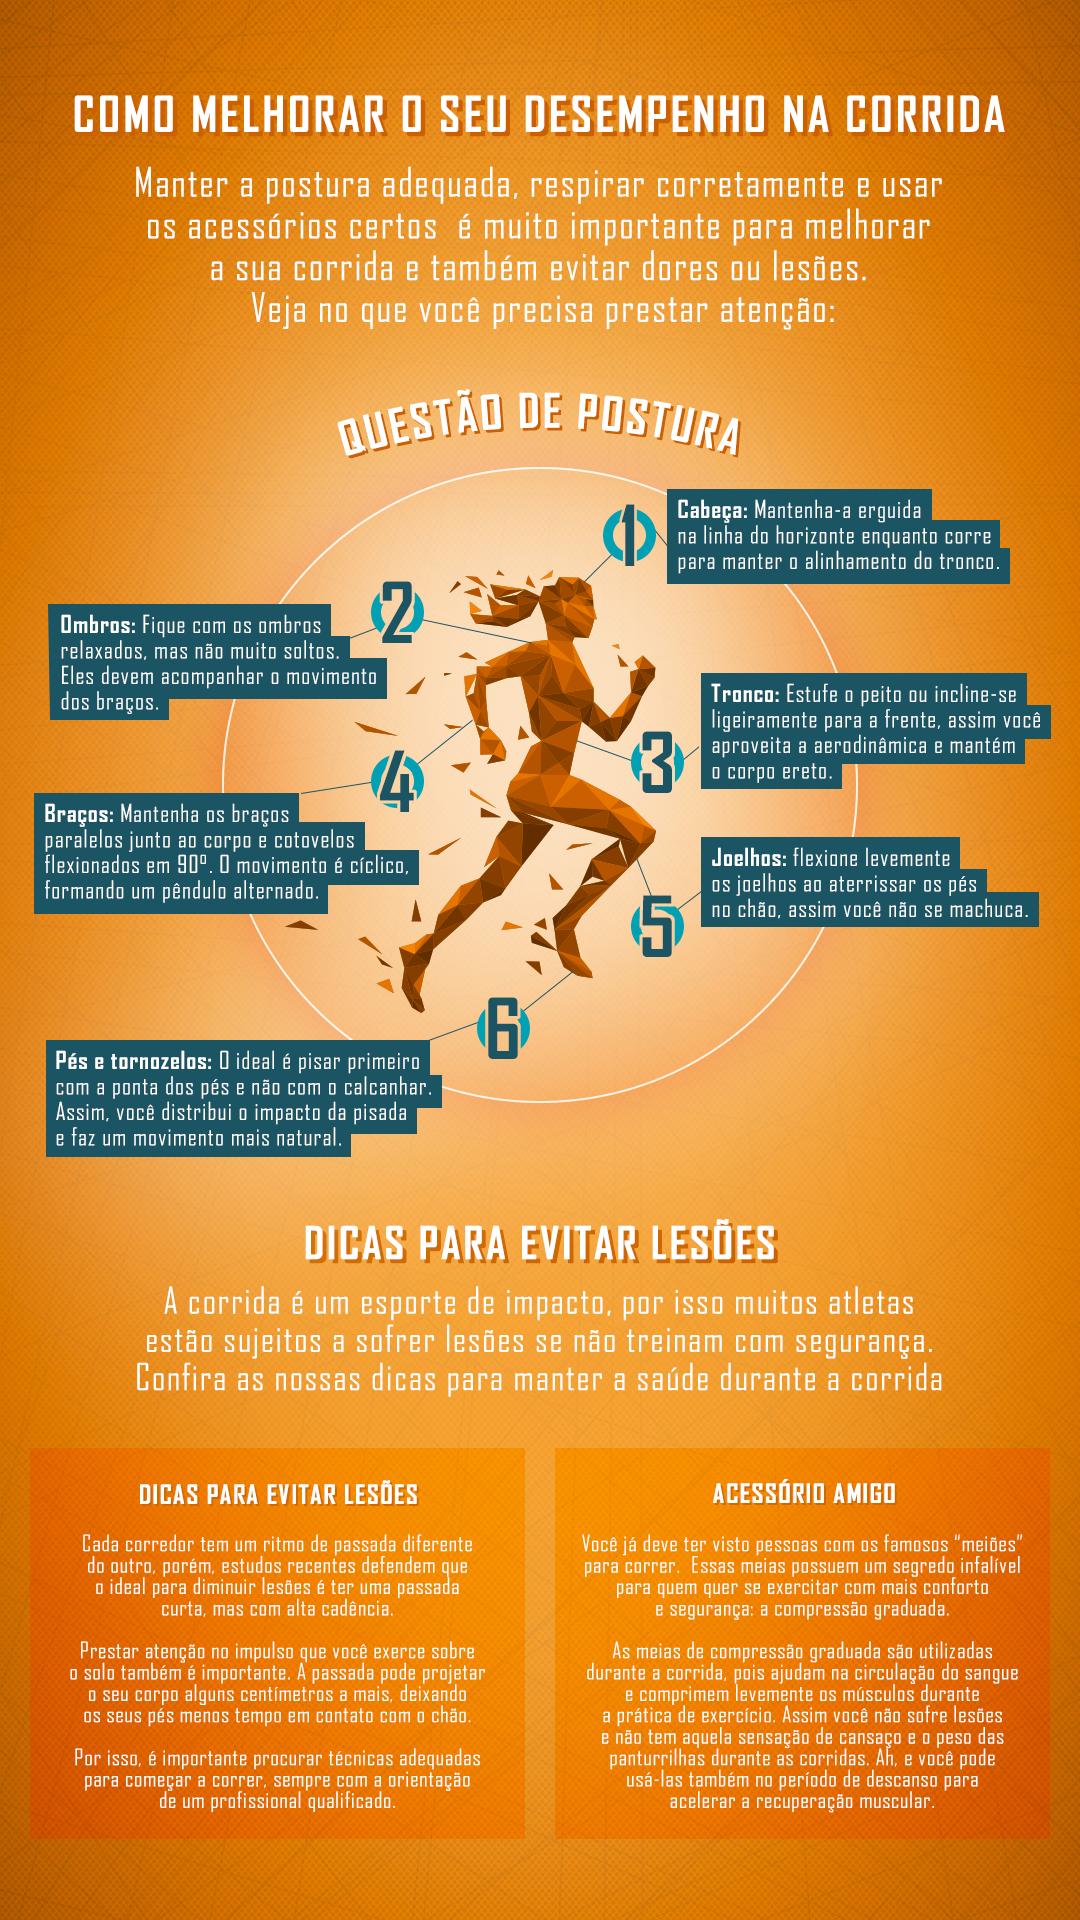 Infográfico com técnicas de corrida para melhorar o rendimento no esporte e evitar lesões